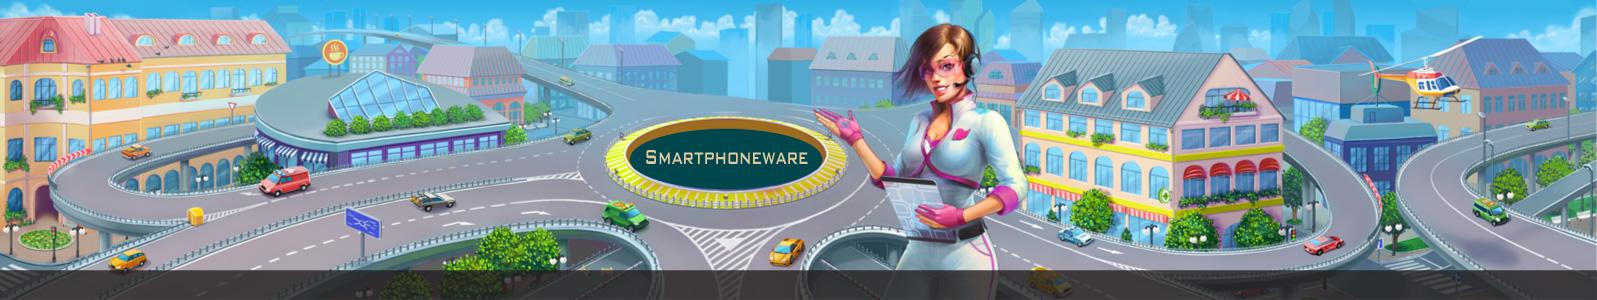 Smartphoneware Tracker 1.02 Keygen